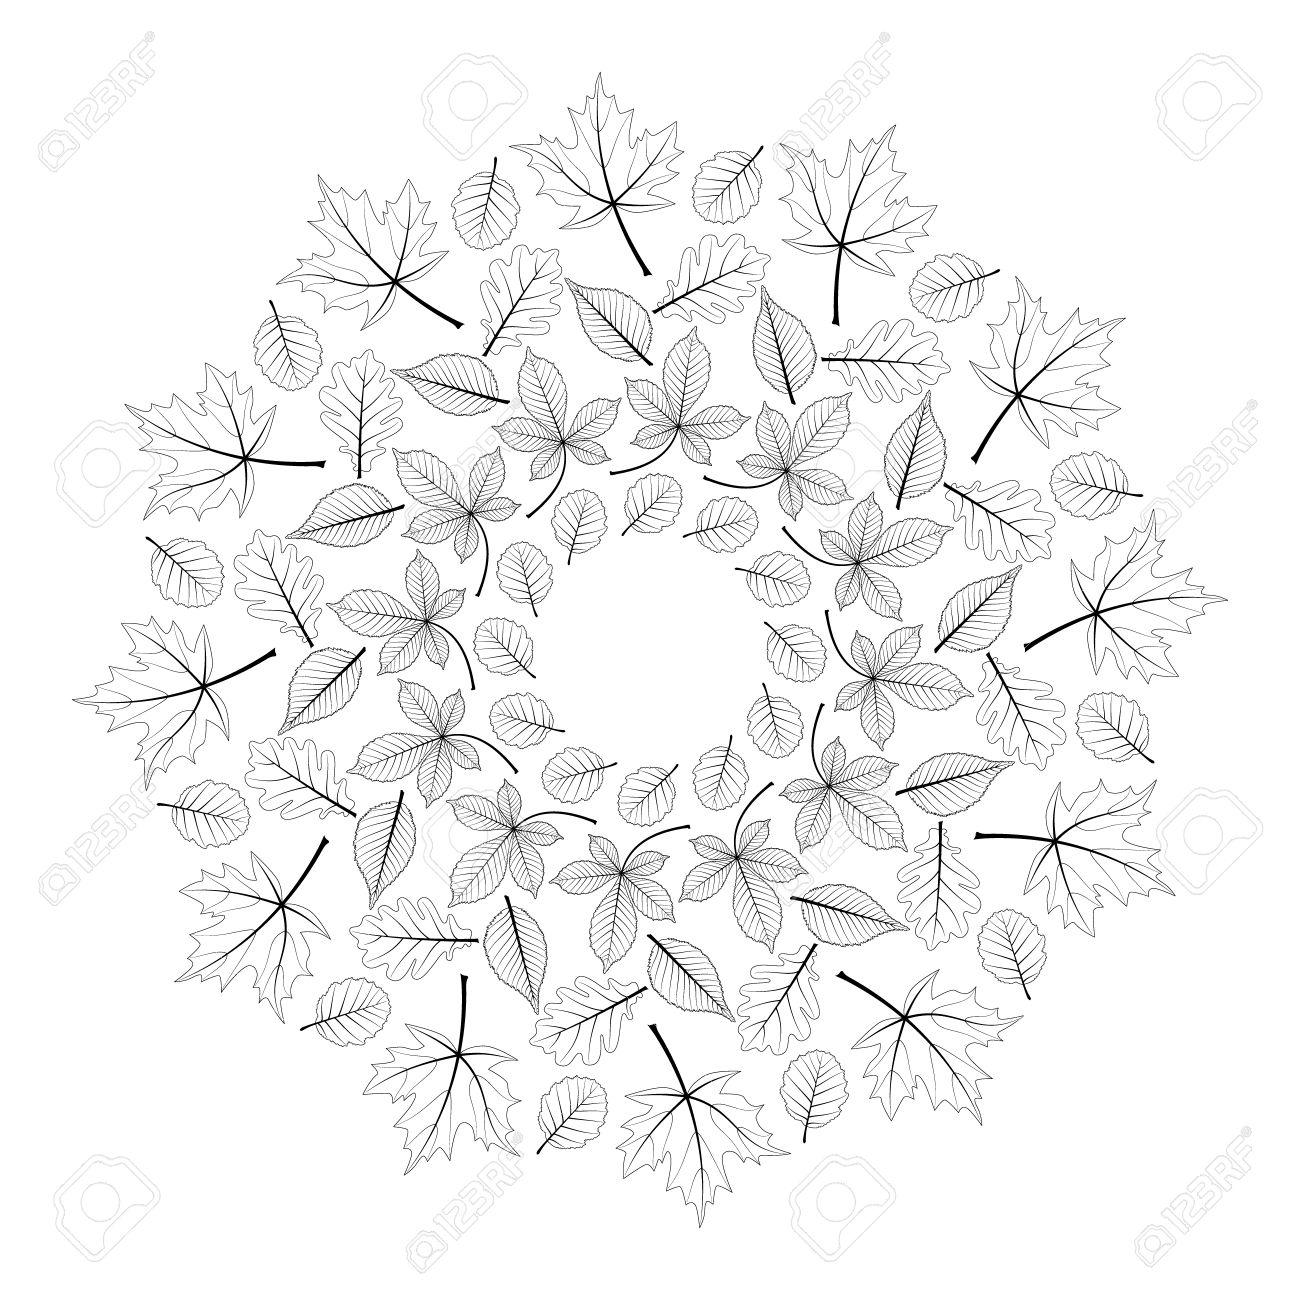 Coloriage Arbre Hetre.Vector Noir Et Blanc Rond Automne Mandala Avec Feuilles D Erable